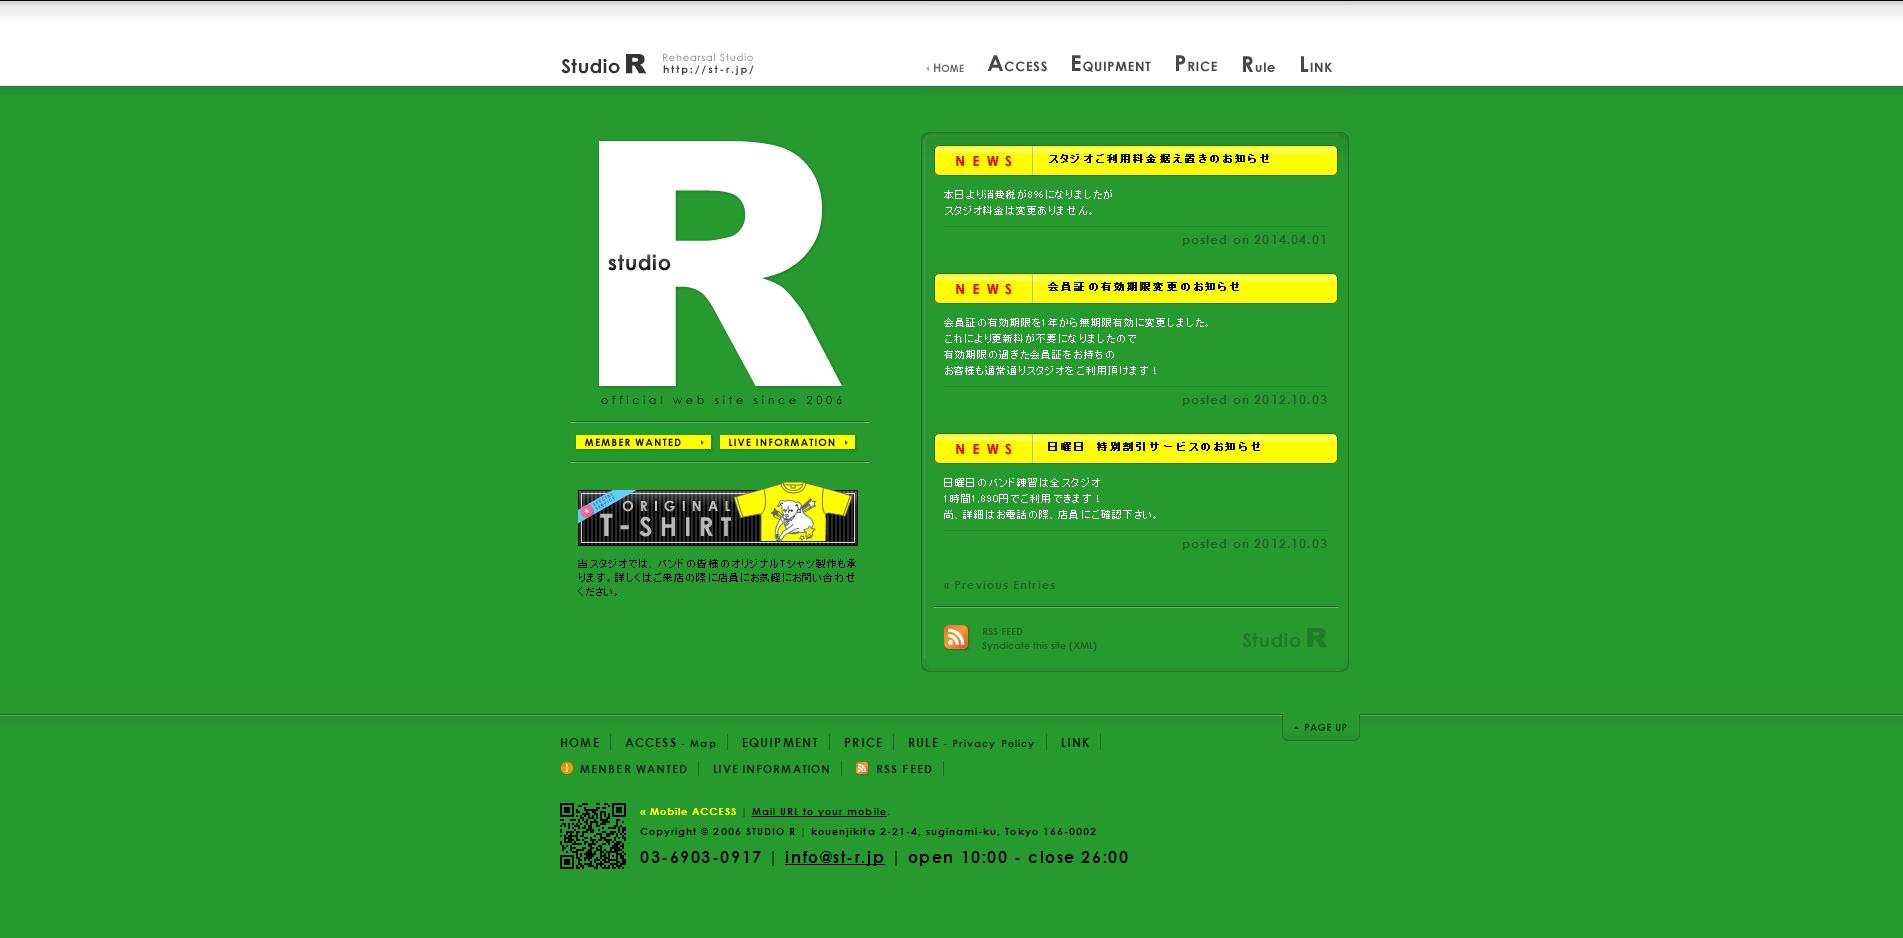 スタジオアール   STUDIO R   高円寺 リハーサルスタジオ